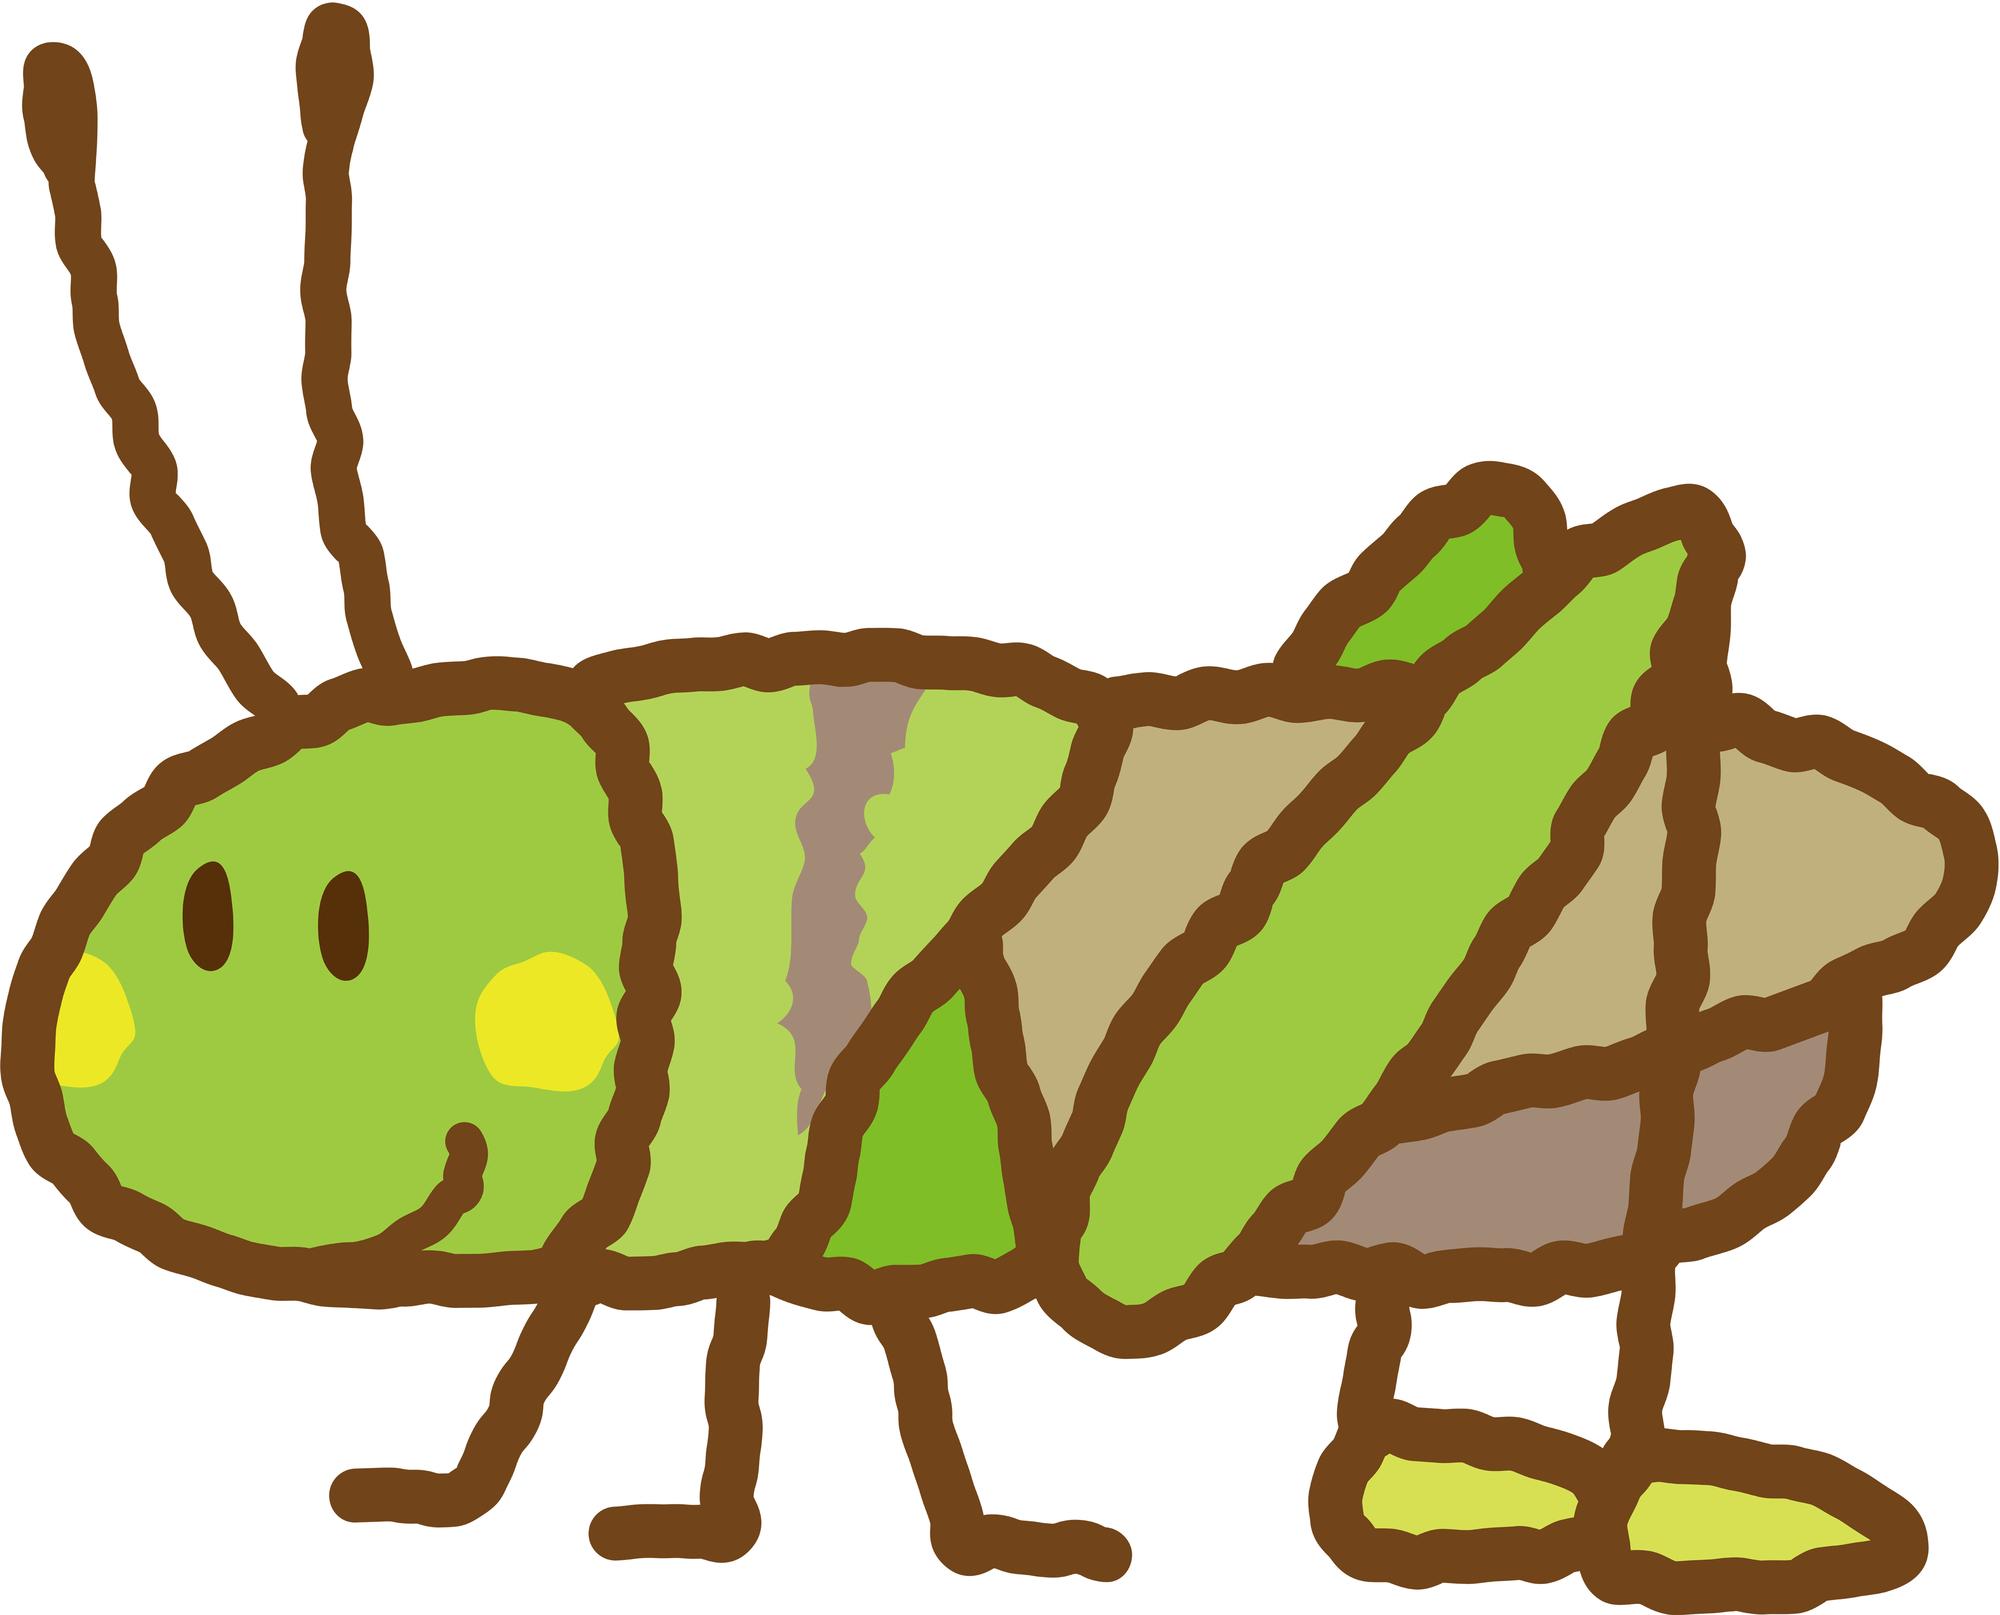 虫の駆除の費用負担はどっち【管理会社?入居者?】